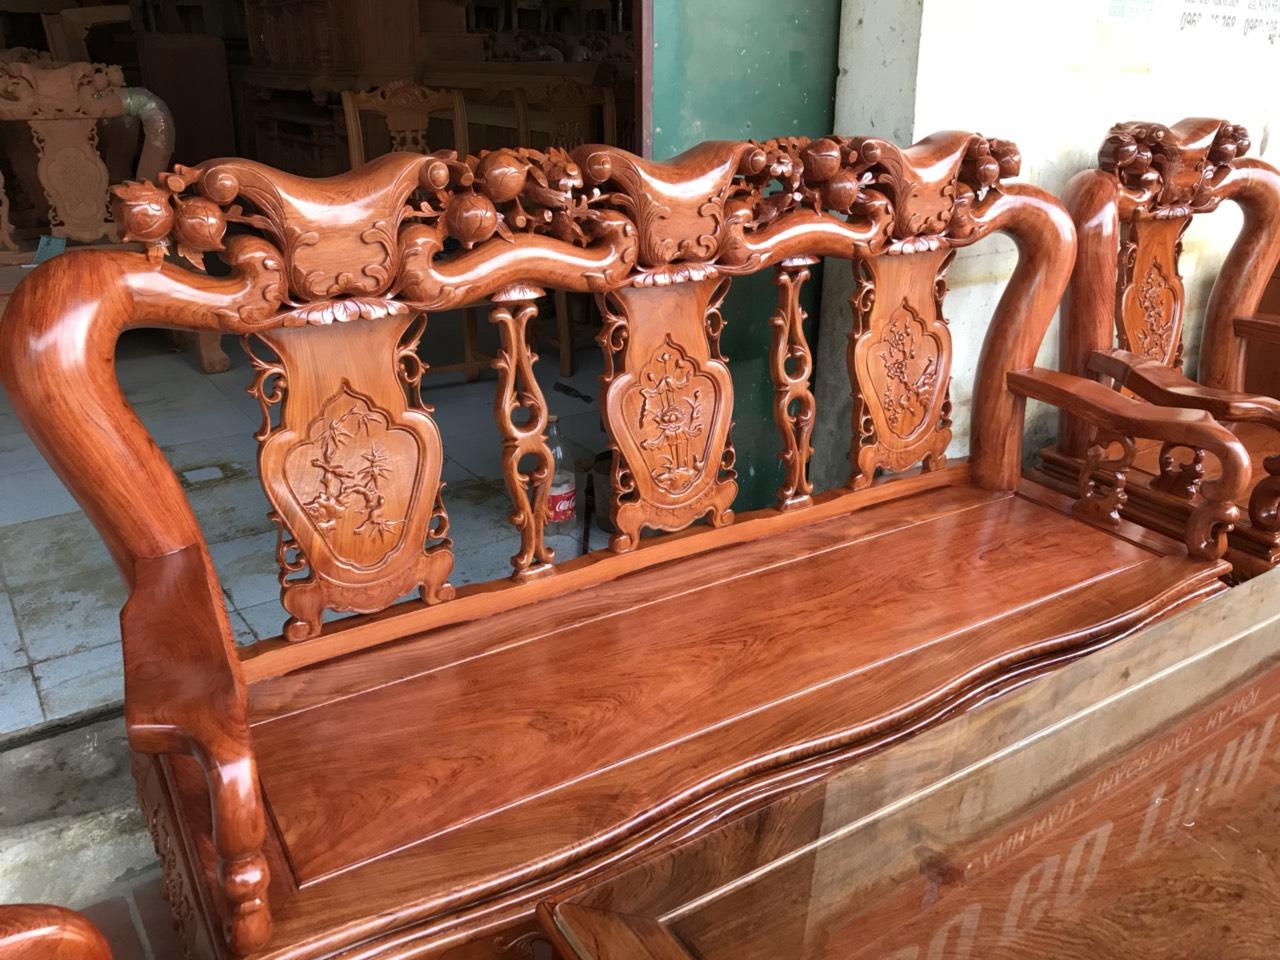 e3066fa46aef97b1cefe - Bộ bàn ghế Minh Quốc đào tay 12 gỗ hương đá siêu đẹp